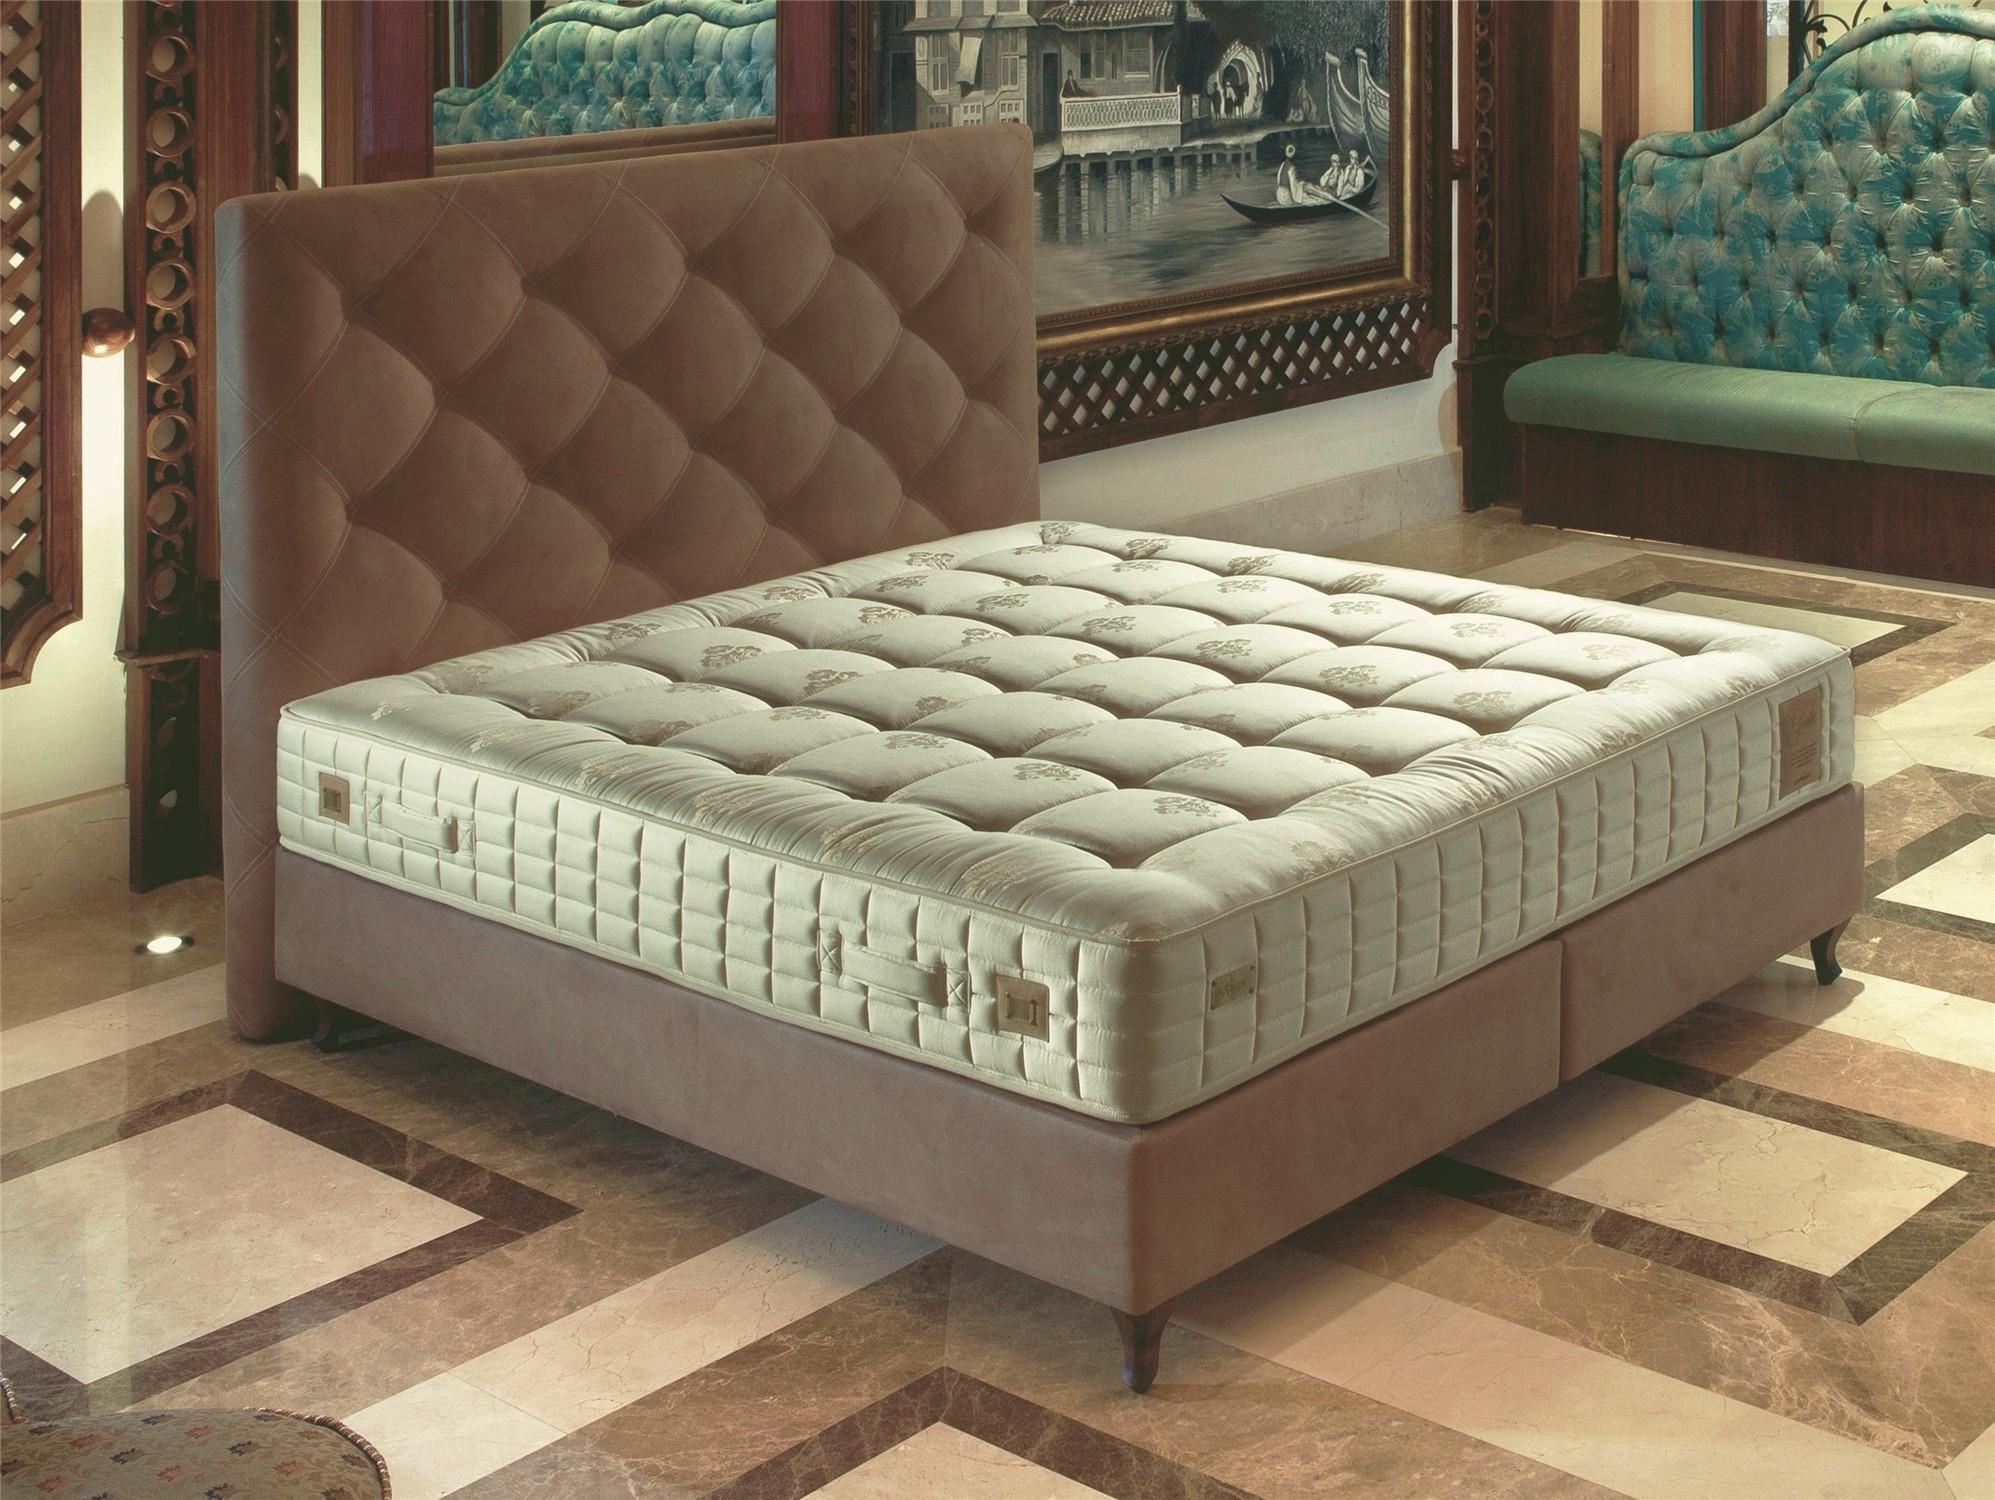 Yatsan Upholstered Beds - Head2Bed UK